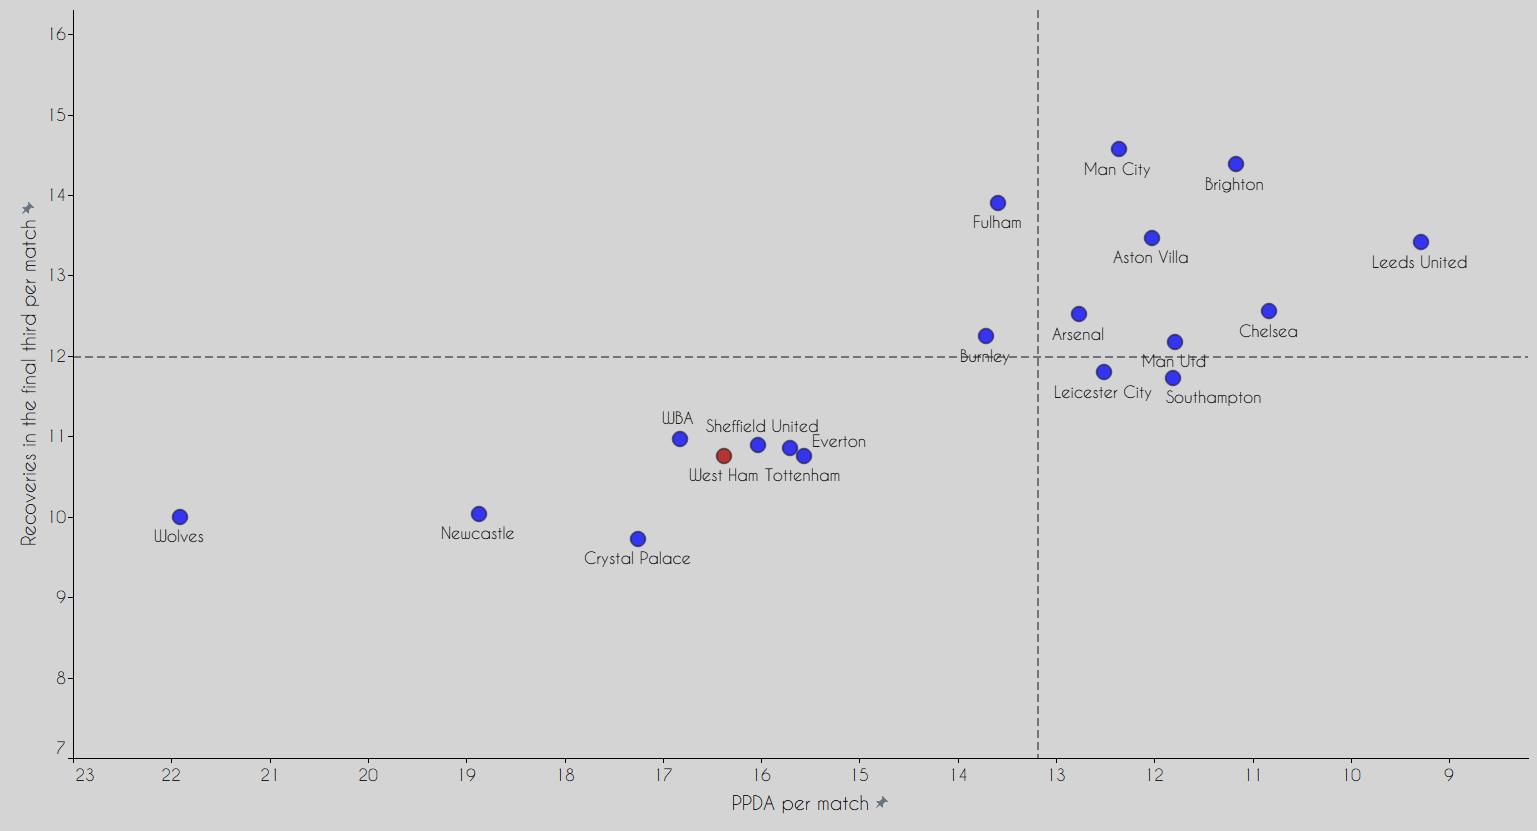 Phân tích phong độ thăng hoa của West Ham - David Moyes